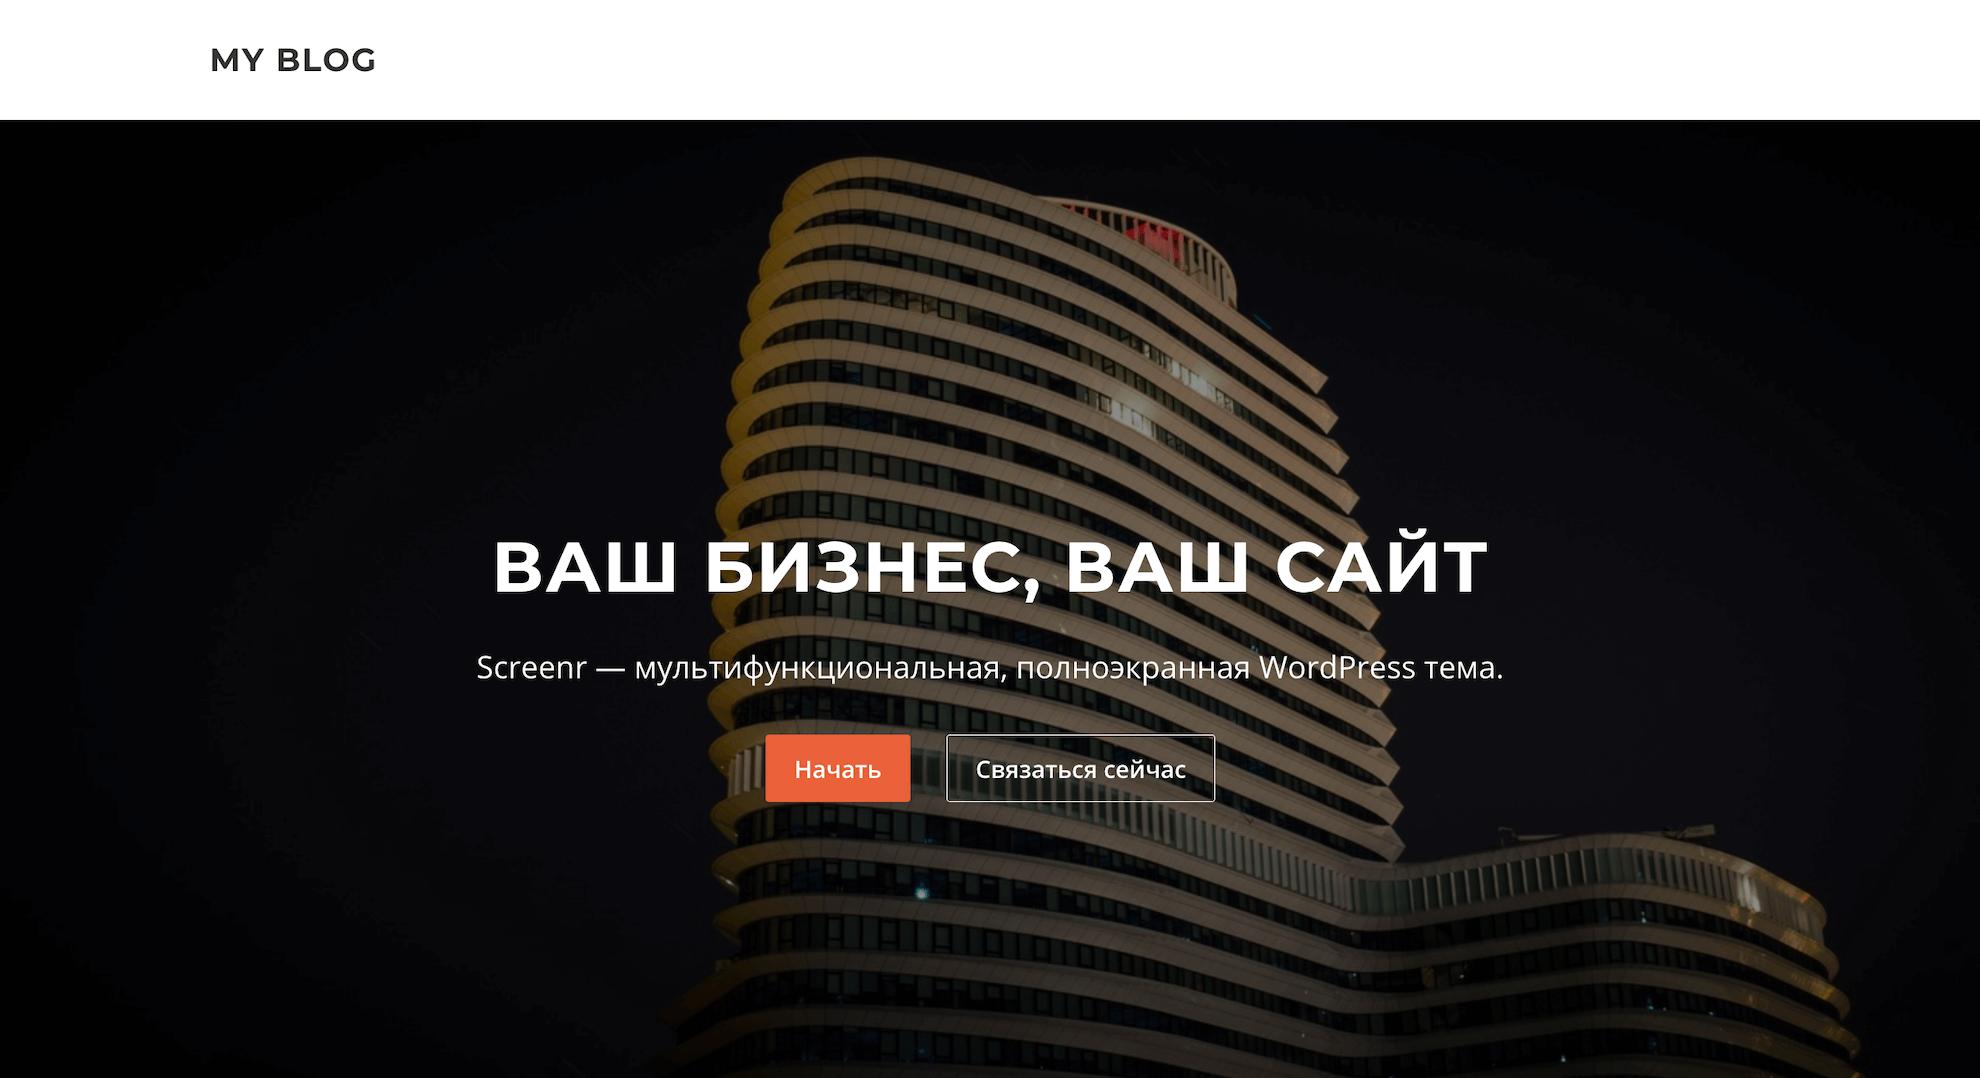 Измененная главная страница сайта на WordPress